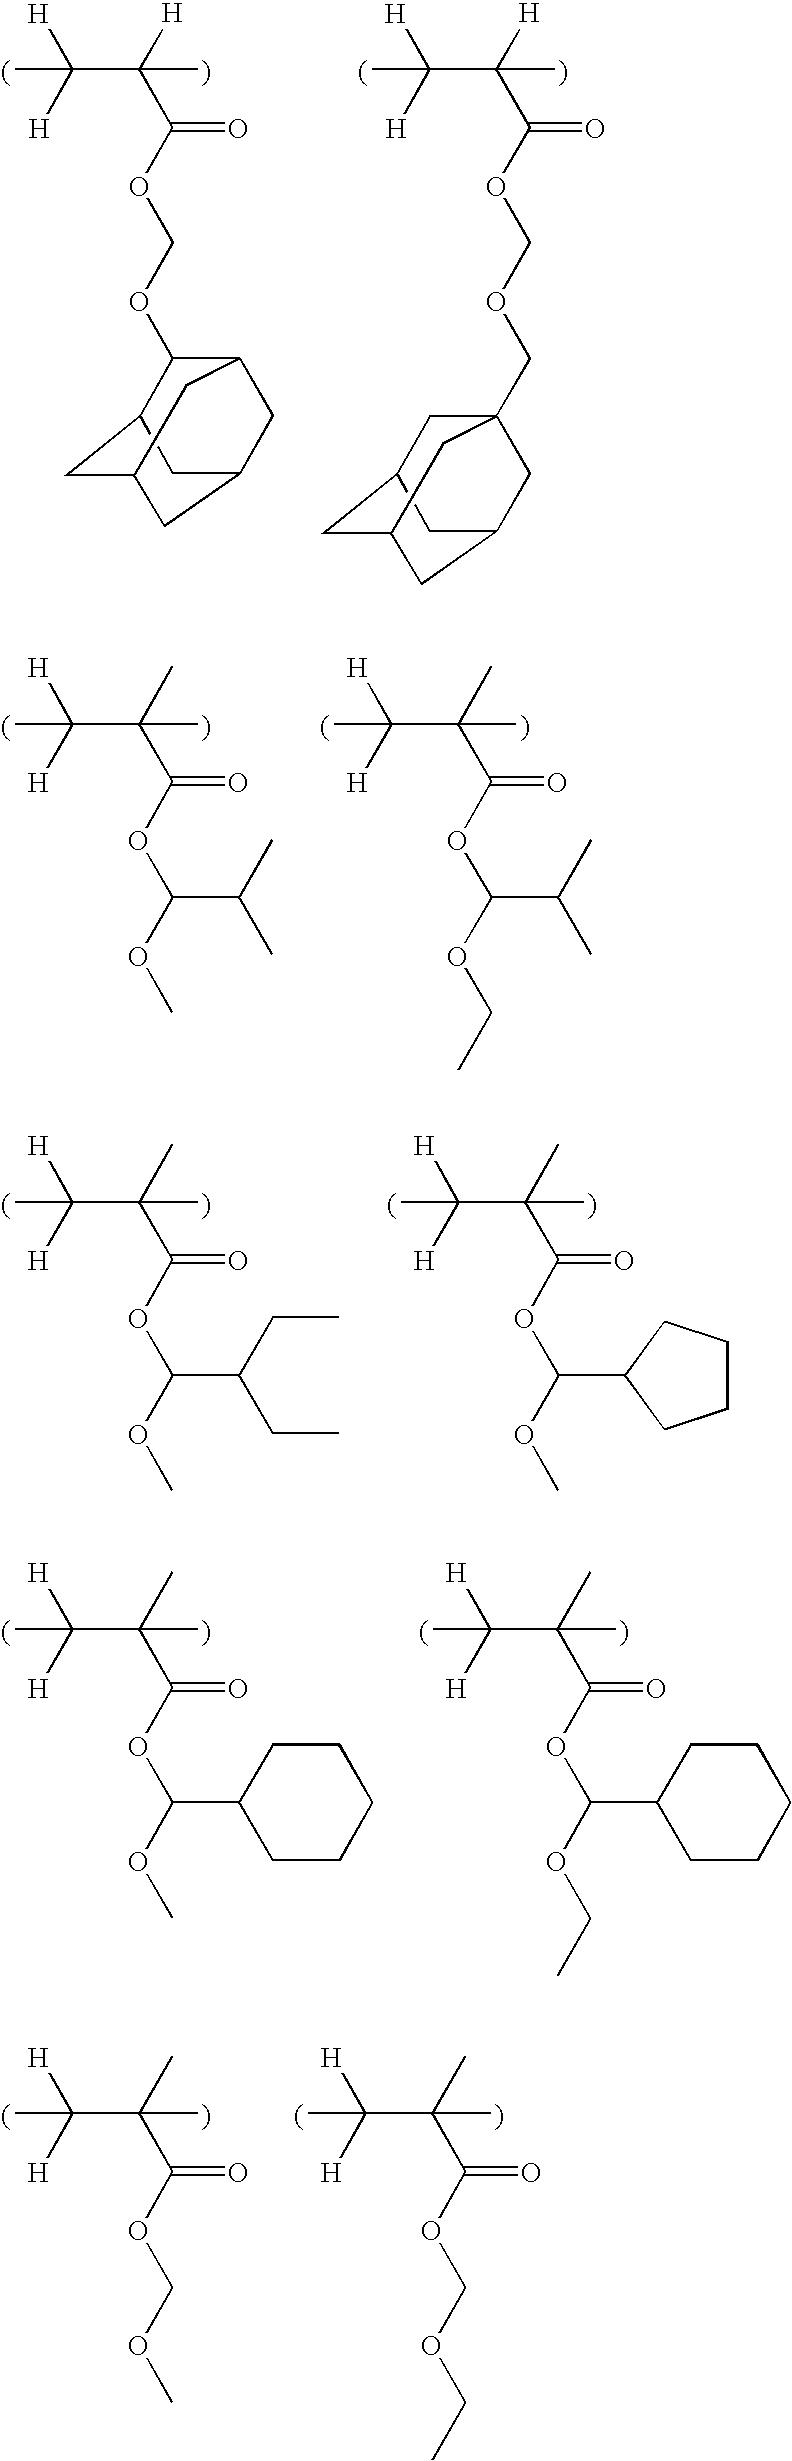 Figure US20090011365A1-20090108-C00067